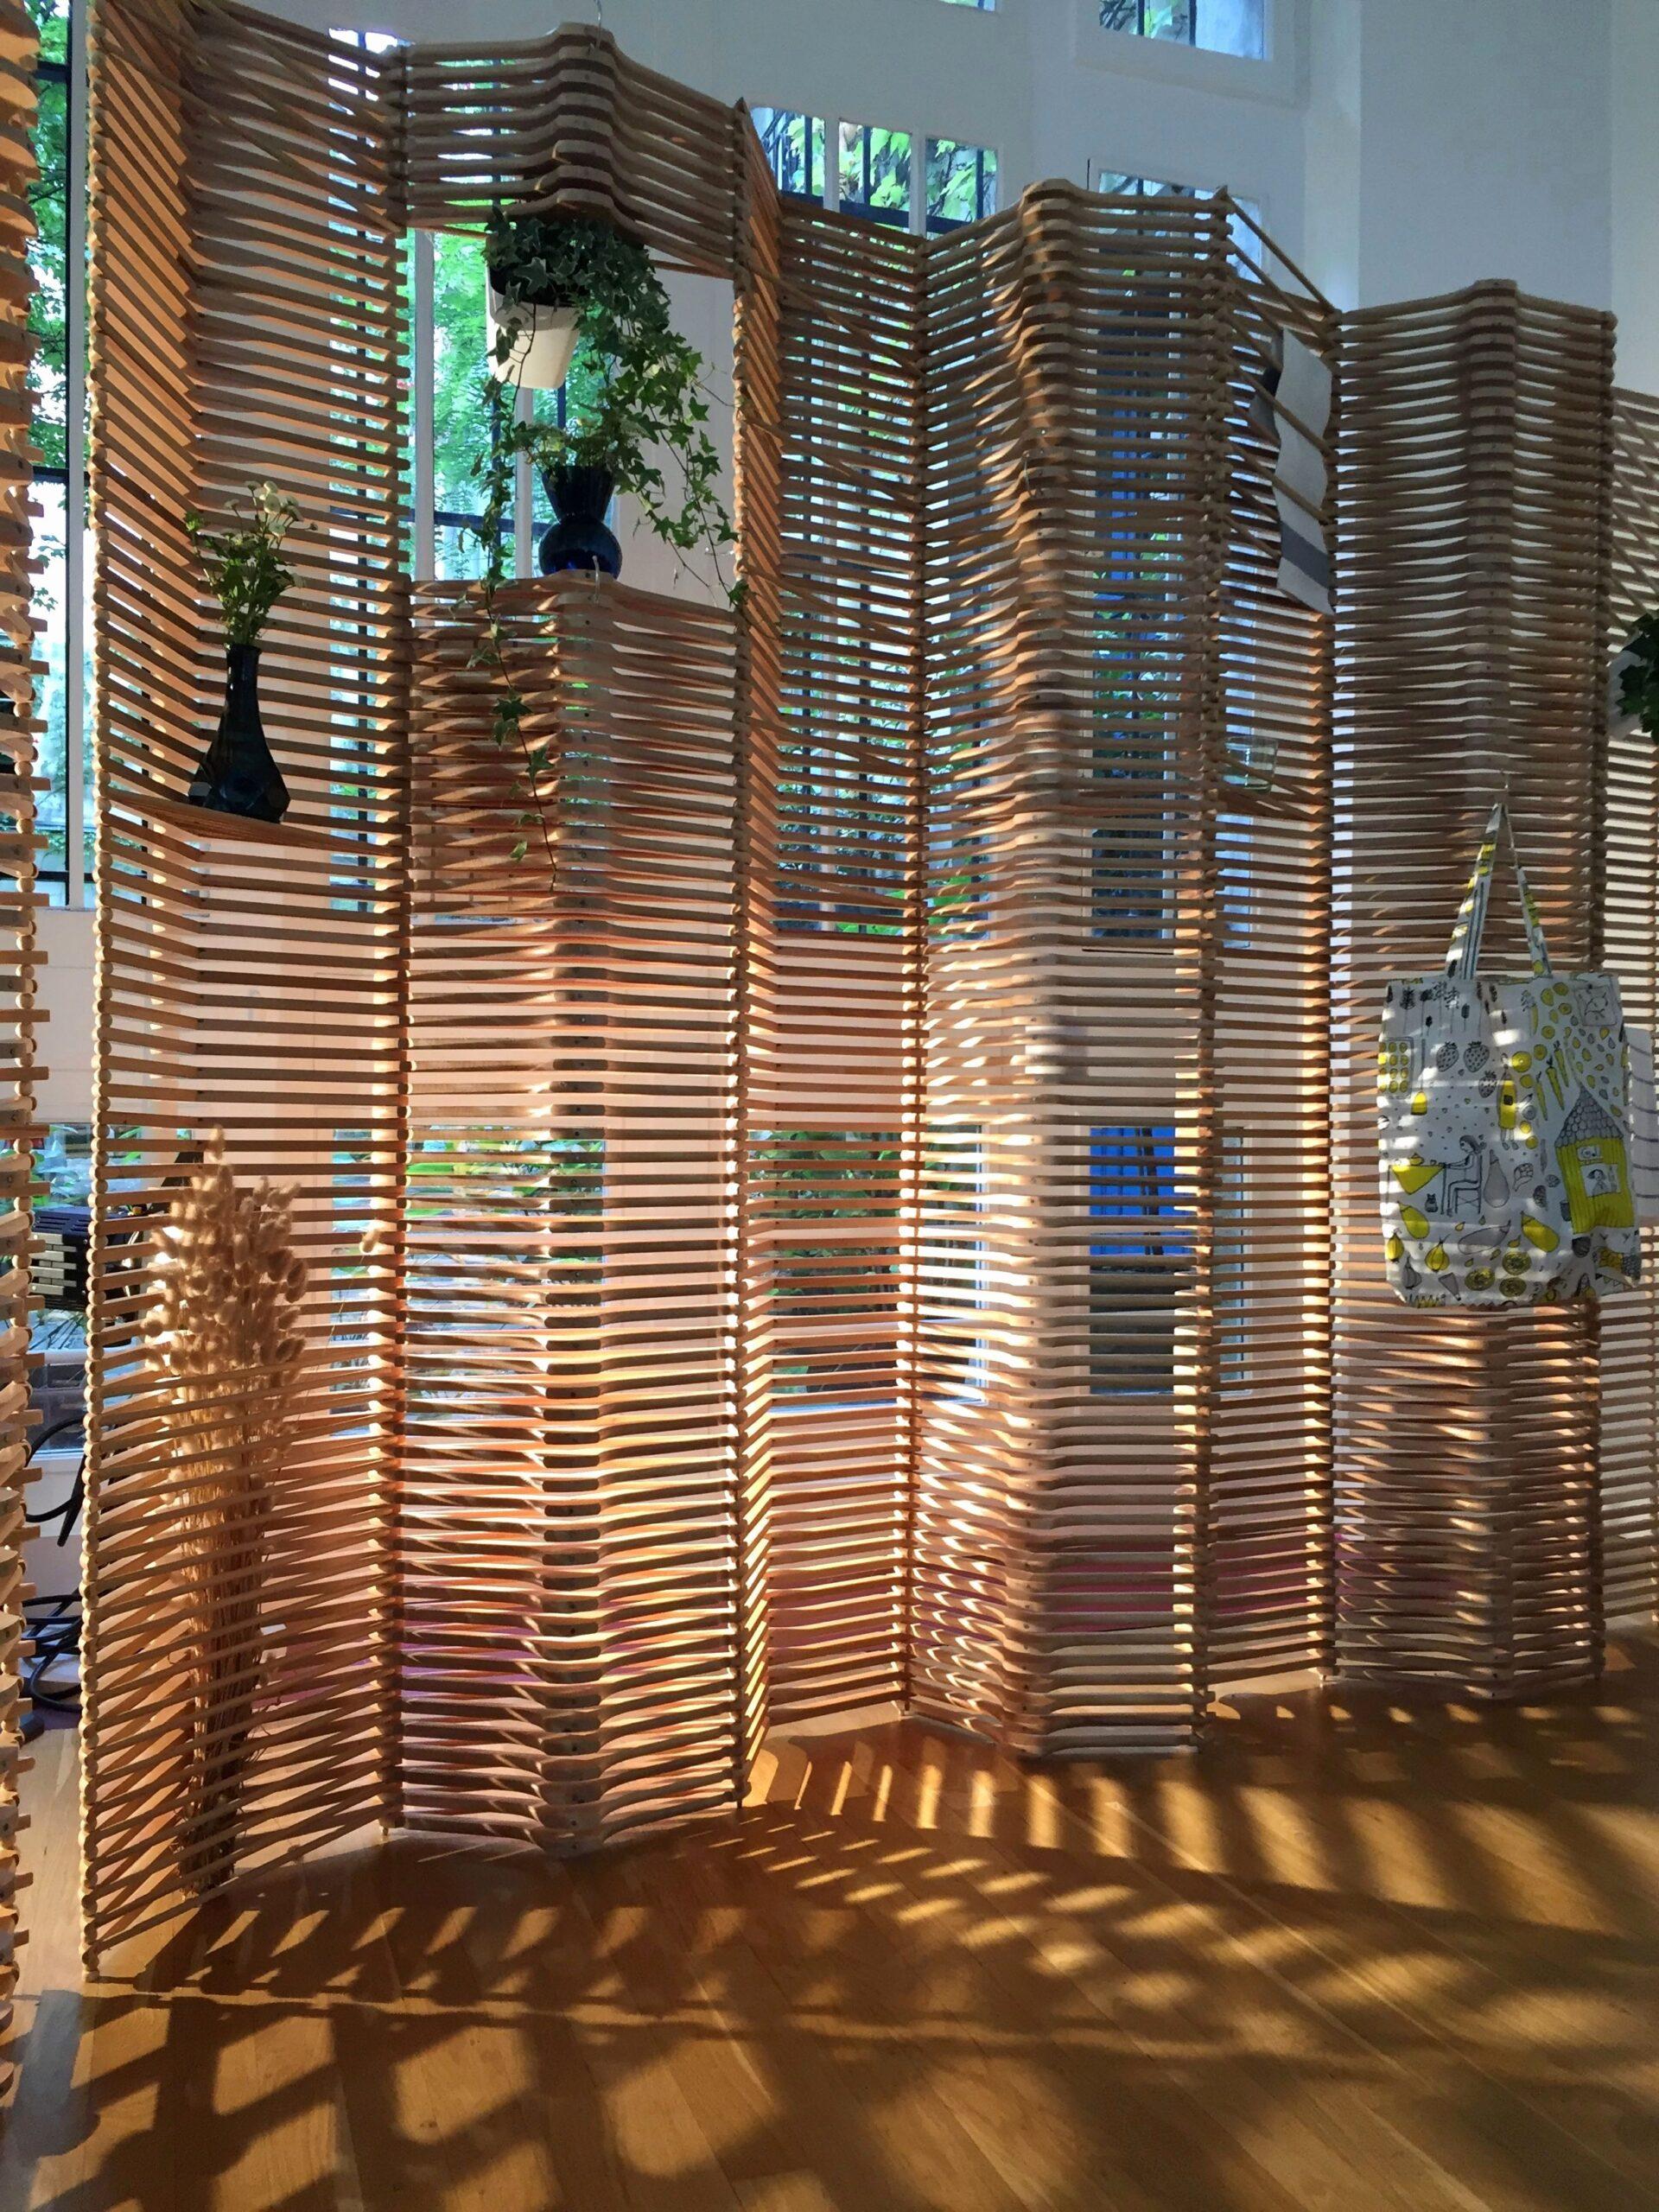 Full Size of Paravent Gartenikea Garten Ikea Wetterfest Bildergebnis Fr Bambus Mit Bildern Wohnzimmer Paravent Gartenikea